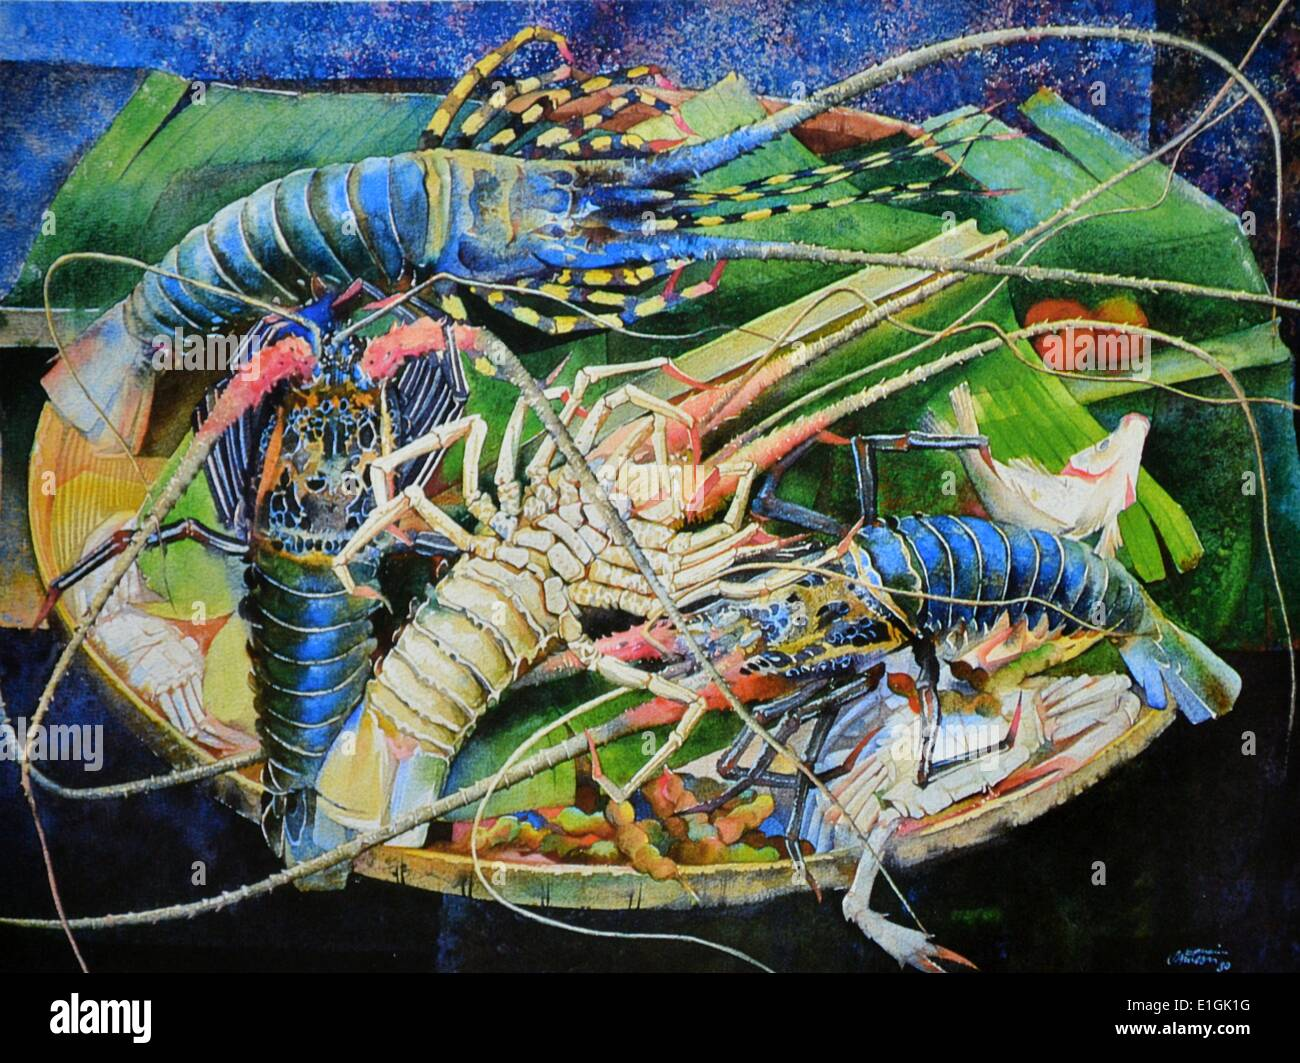 Efraim Sansone, Still Life con le aragoste, 1980. Acquerello. Immagini Stock